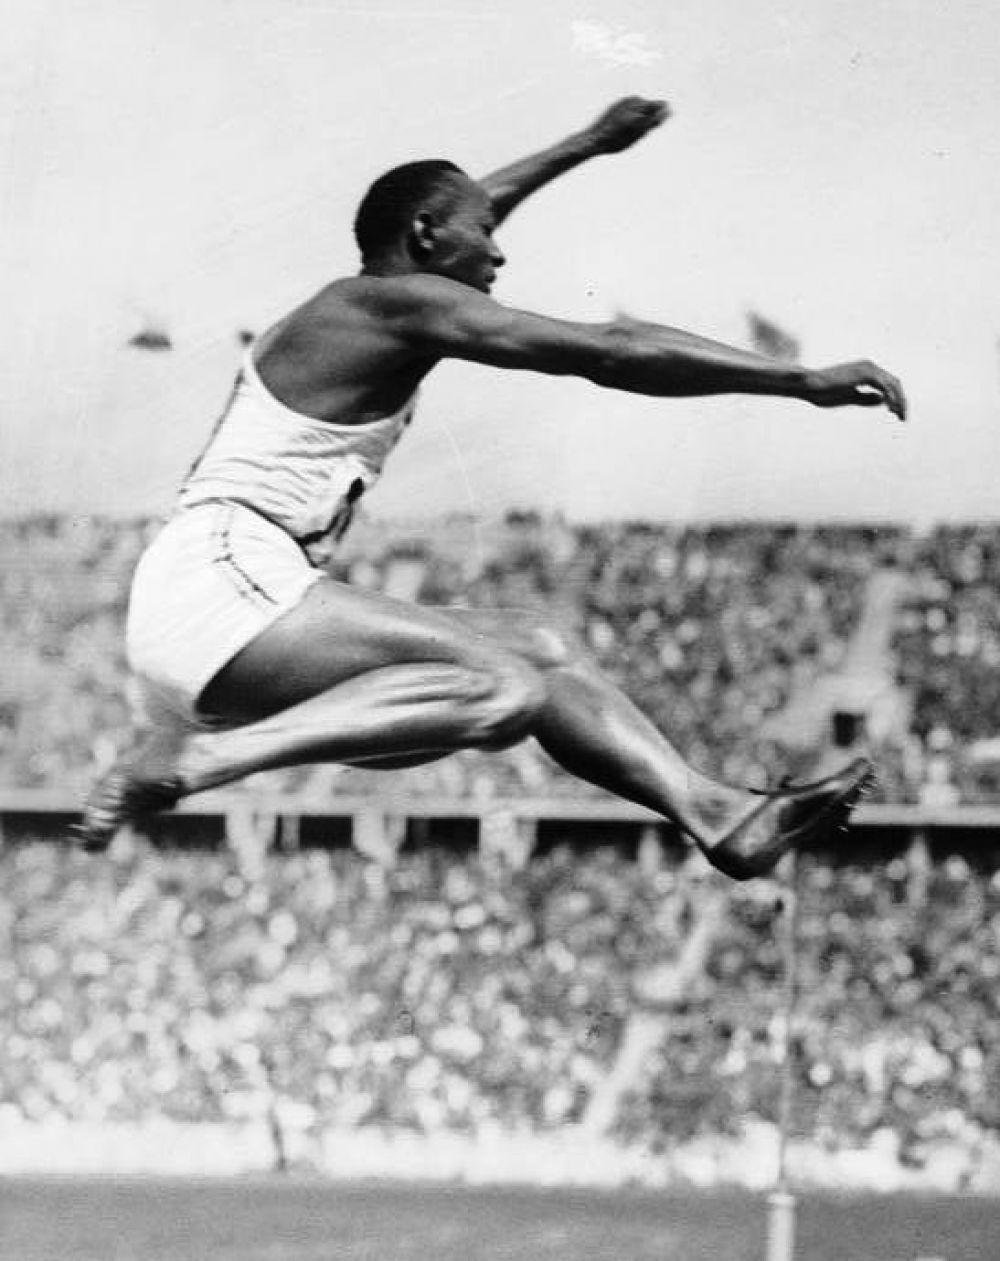 Джесси Оуэнс совершает свой рекордный прыжок в длину на Олимпиаде-1936.